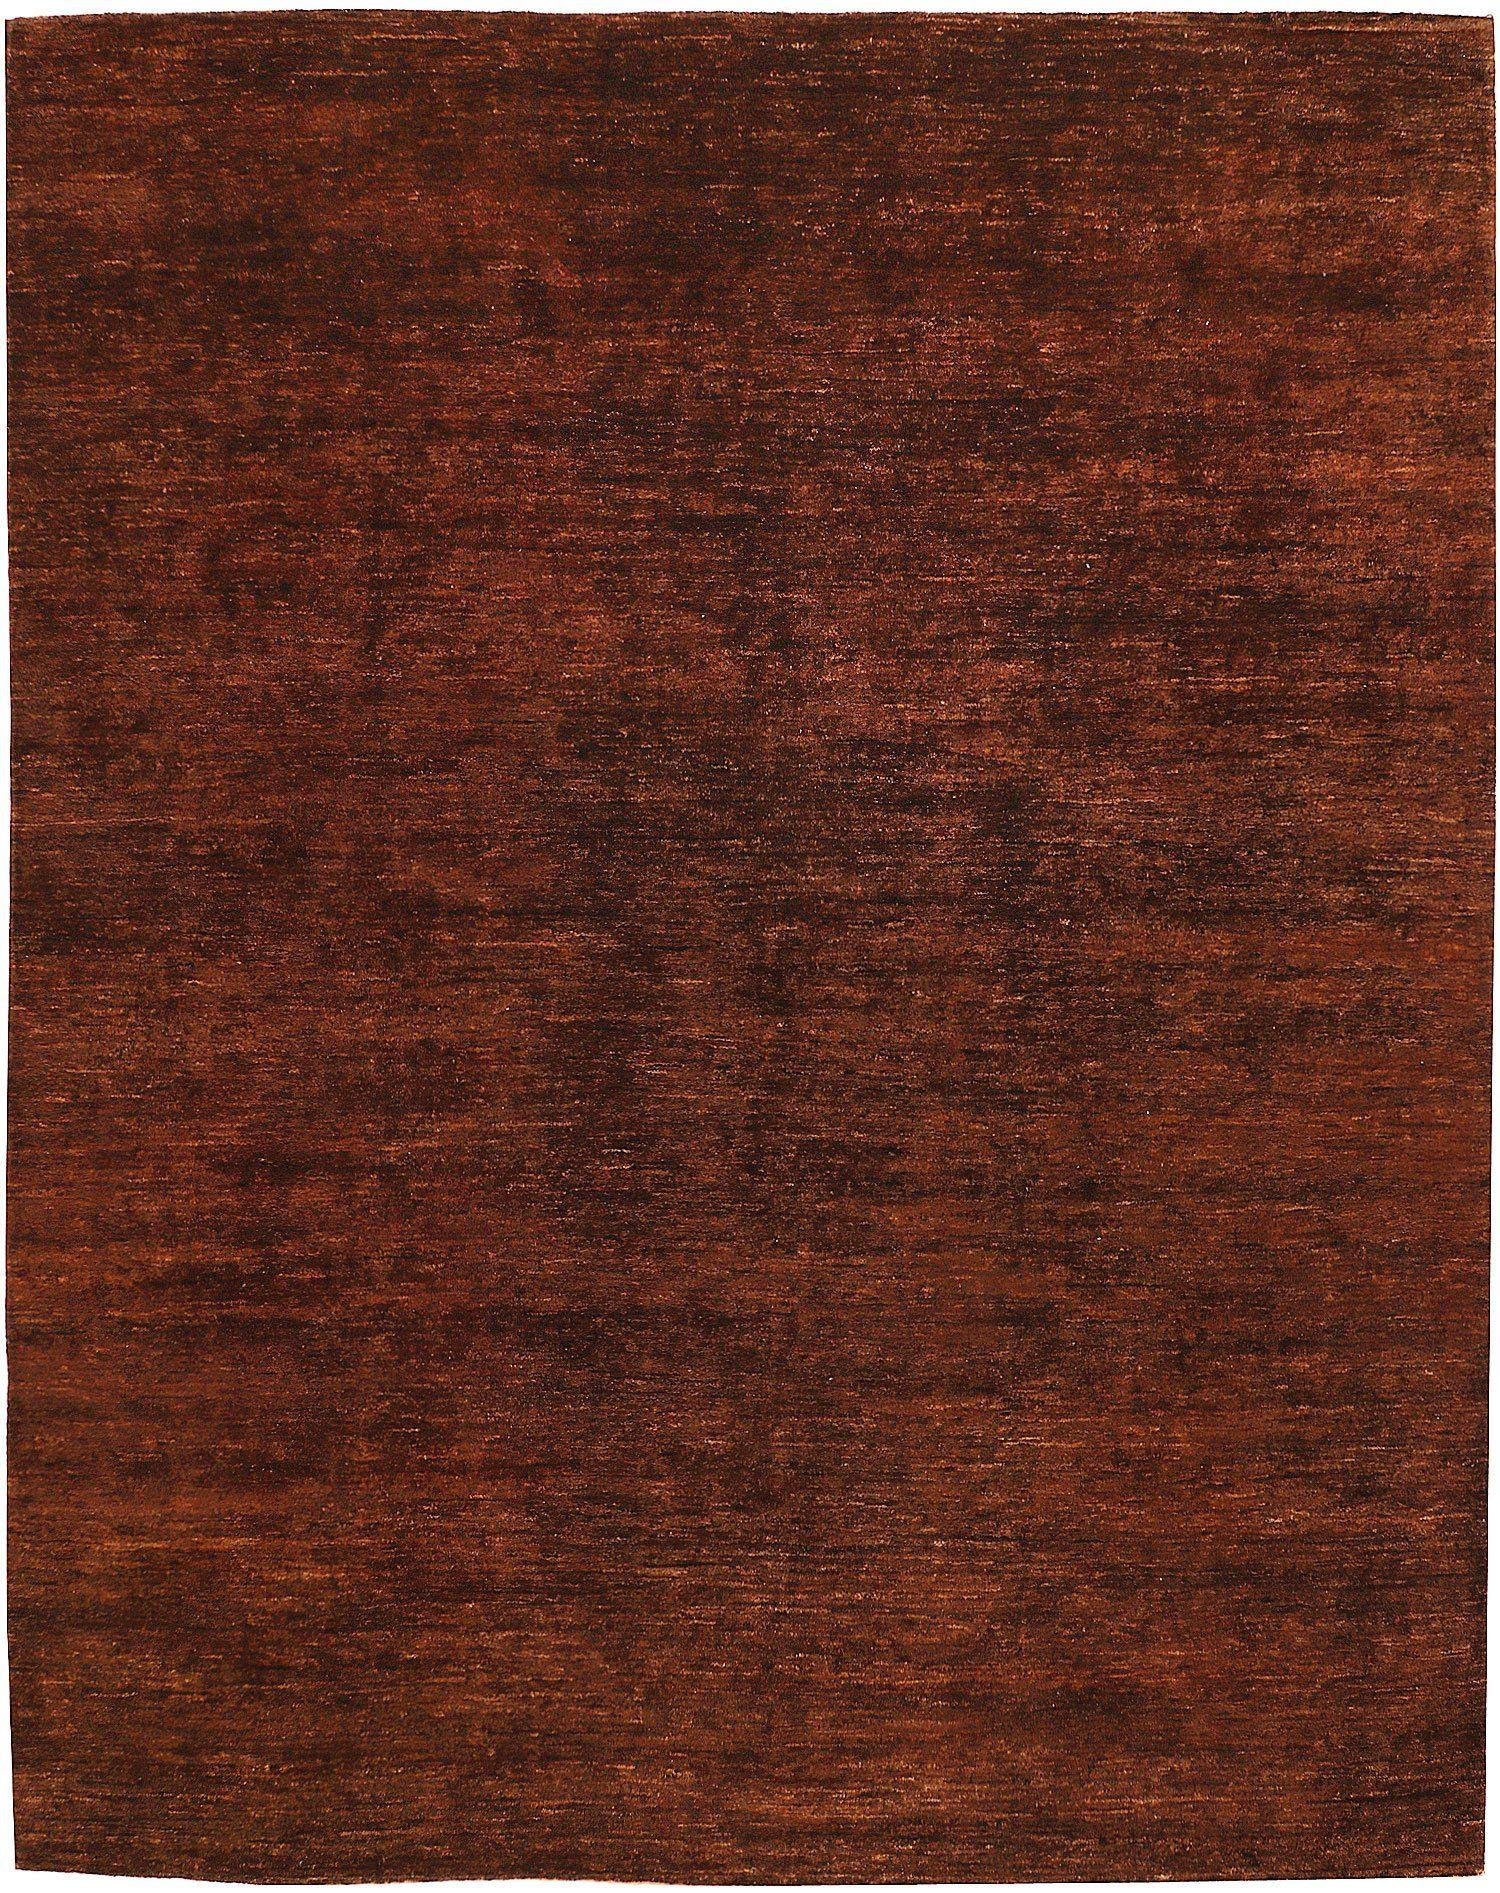 8' x 10' Handknotted Pakistani Wool Gabbeh Carpet Saddle